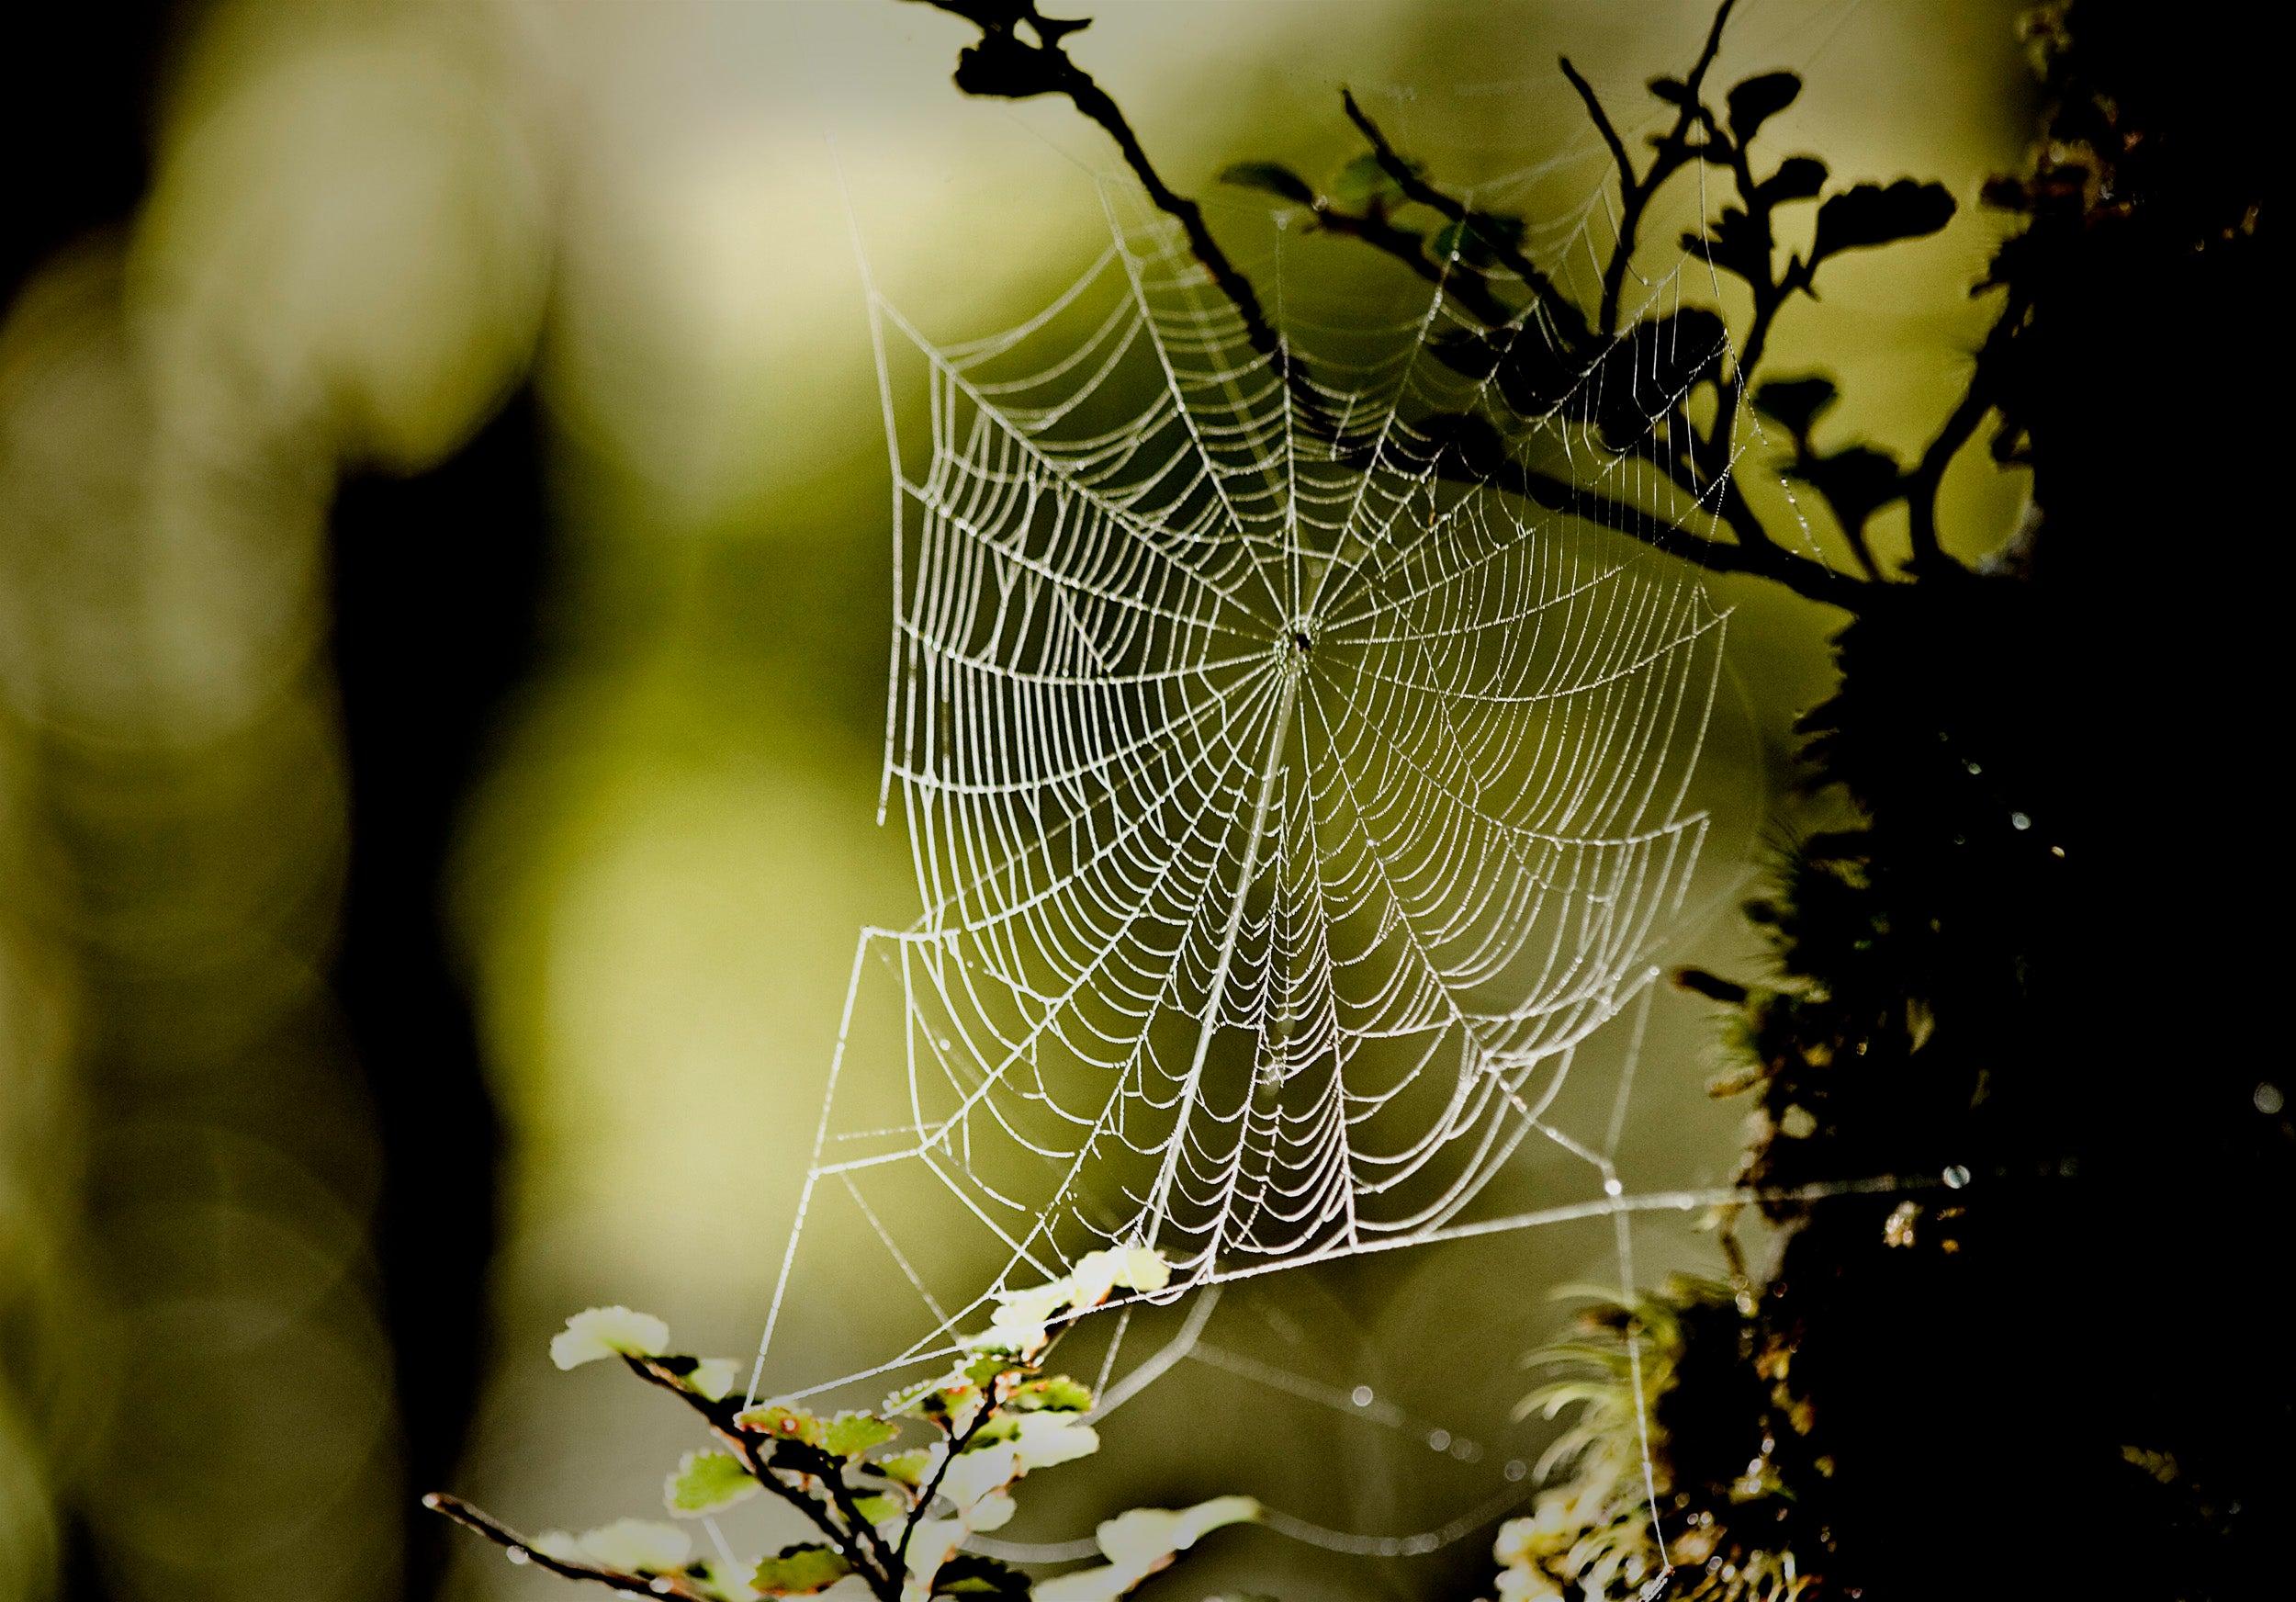 Transgenic E. coli Spin Tough Spider Silk